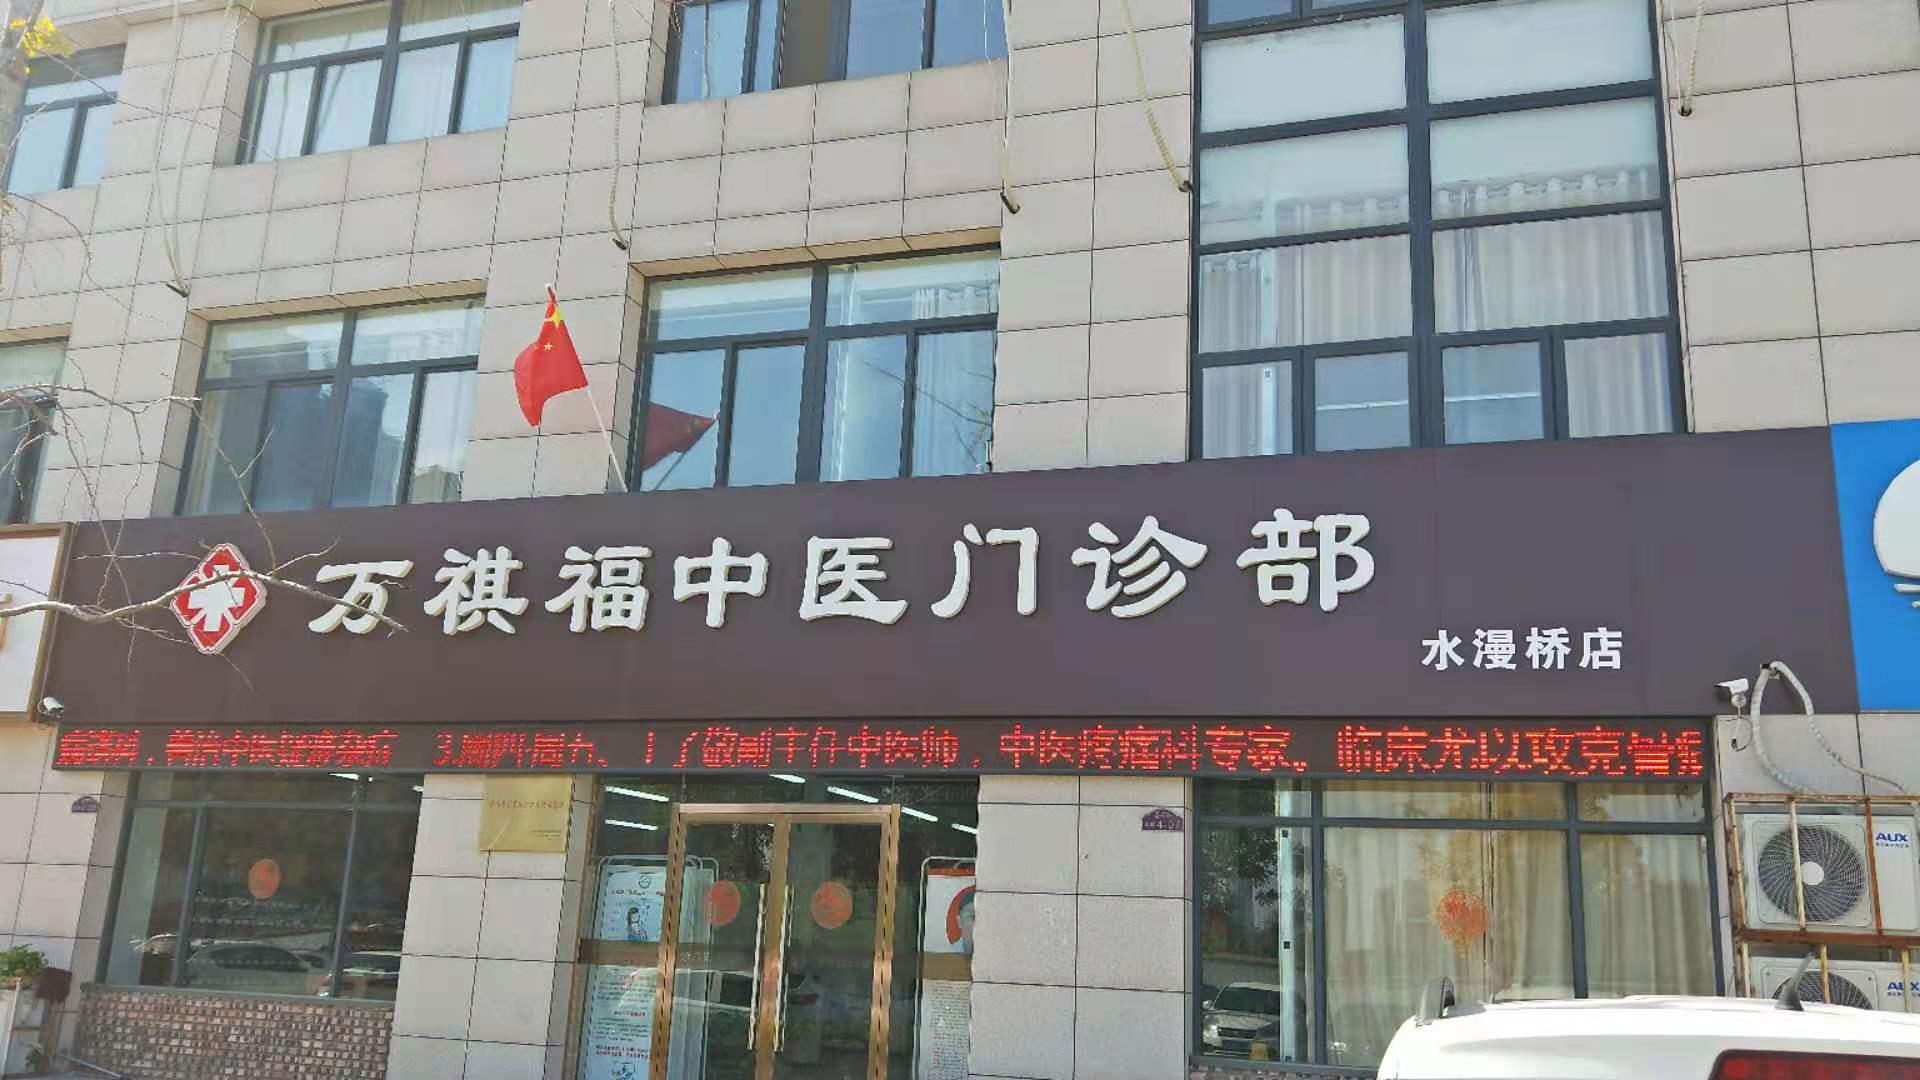 萬祺福醫療科技(徐州)有限公司